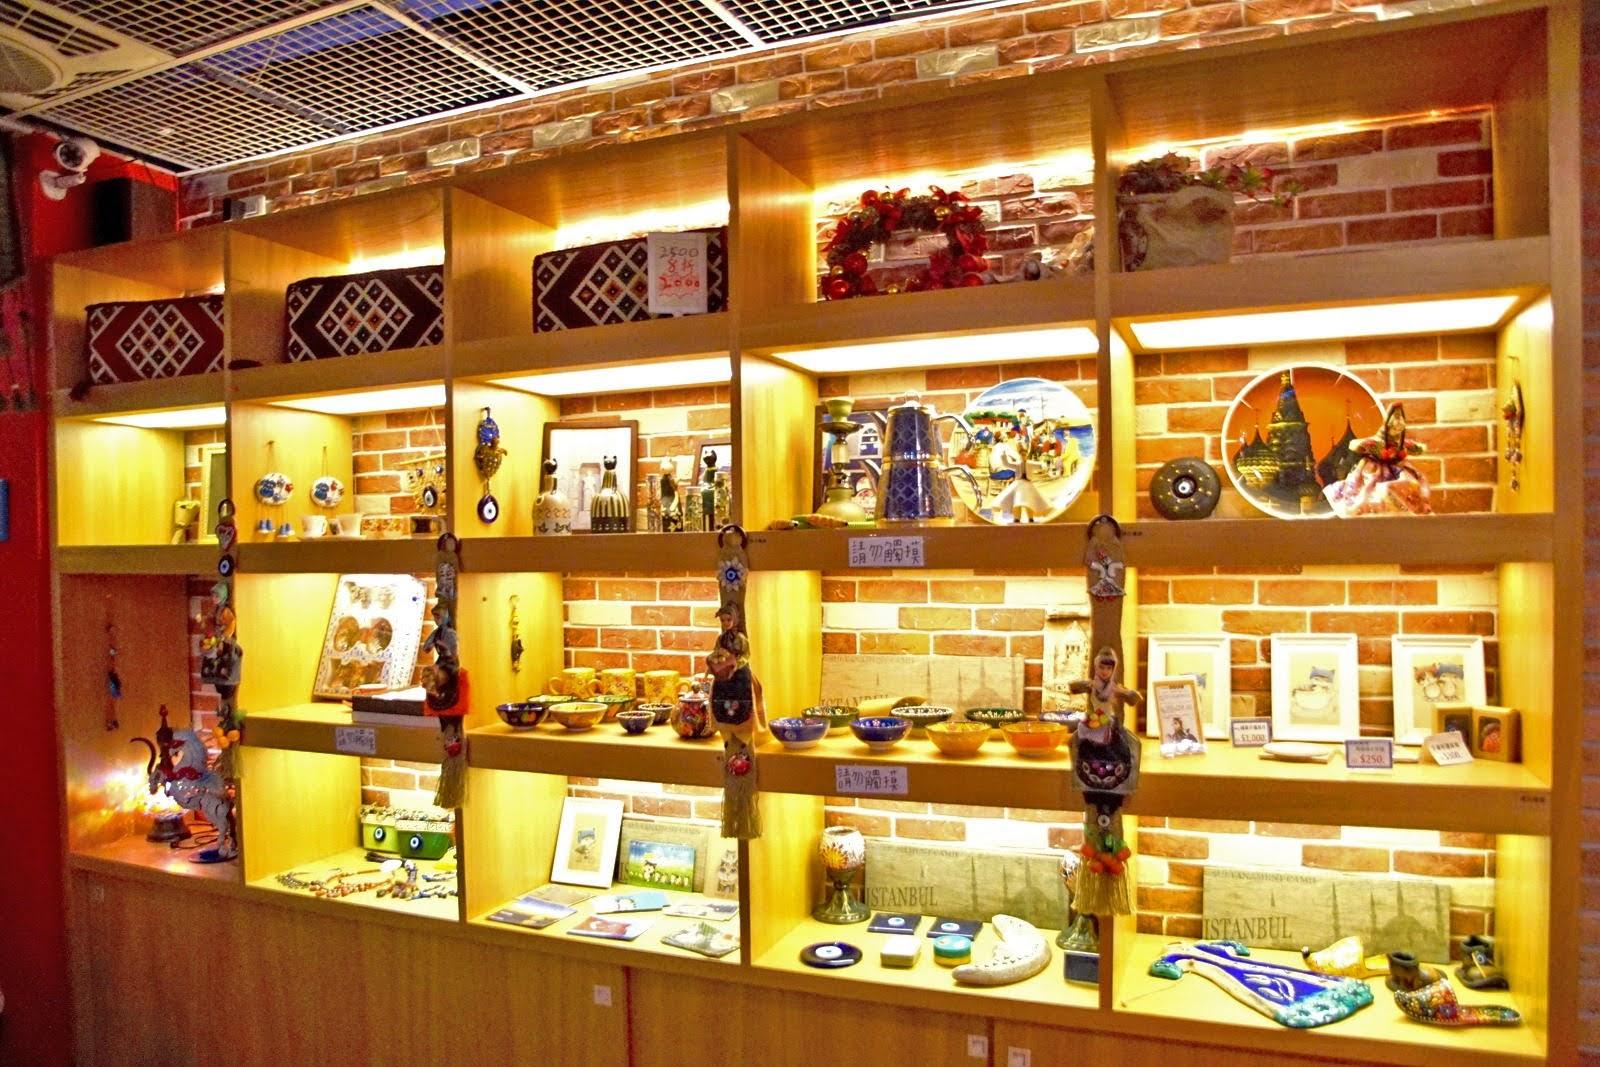 [台南][中西區] 烏司答土耳其居家香料料理餐廳|台南開山店|再訪|食記